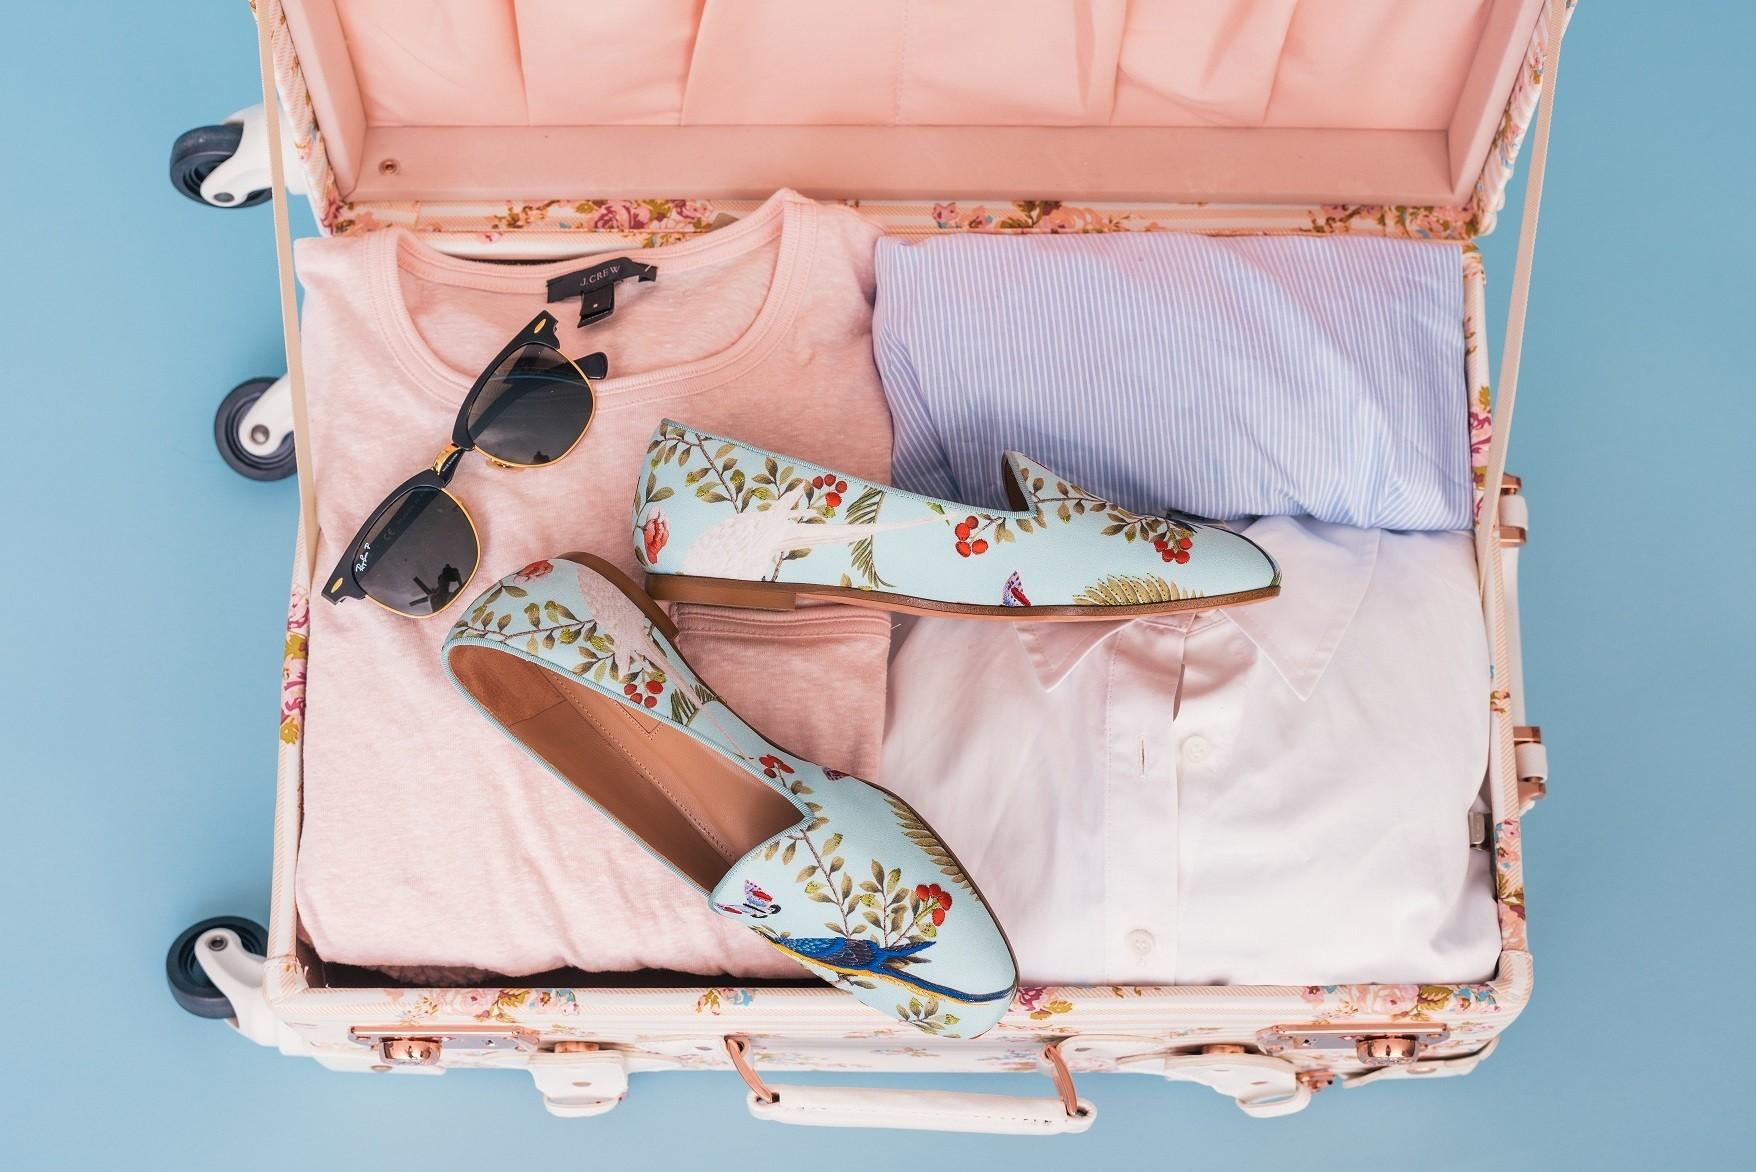 Få tips om hur du packar inför resan med smarta packlistor